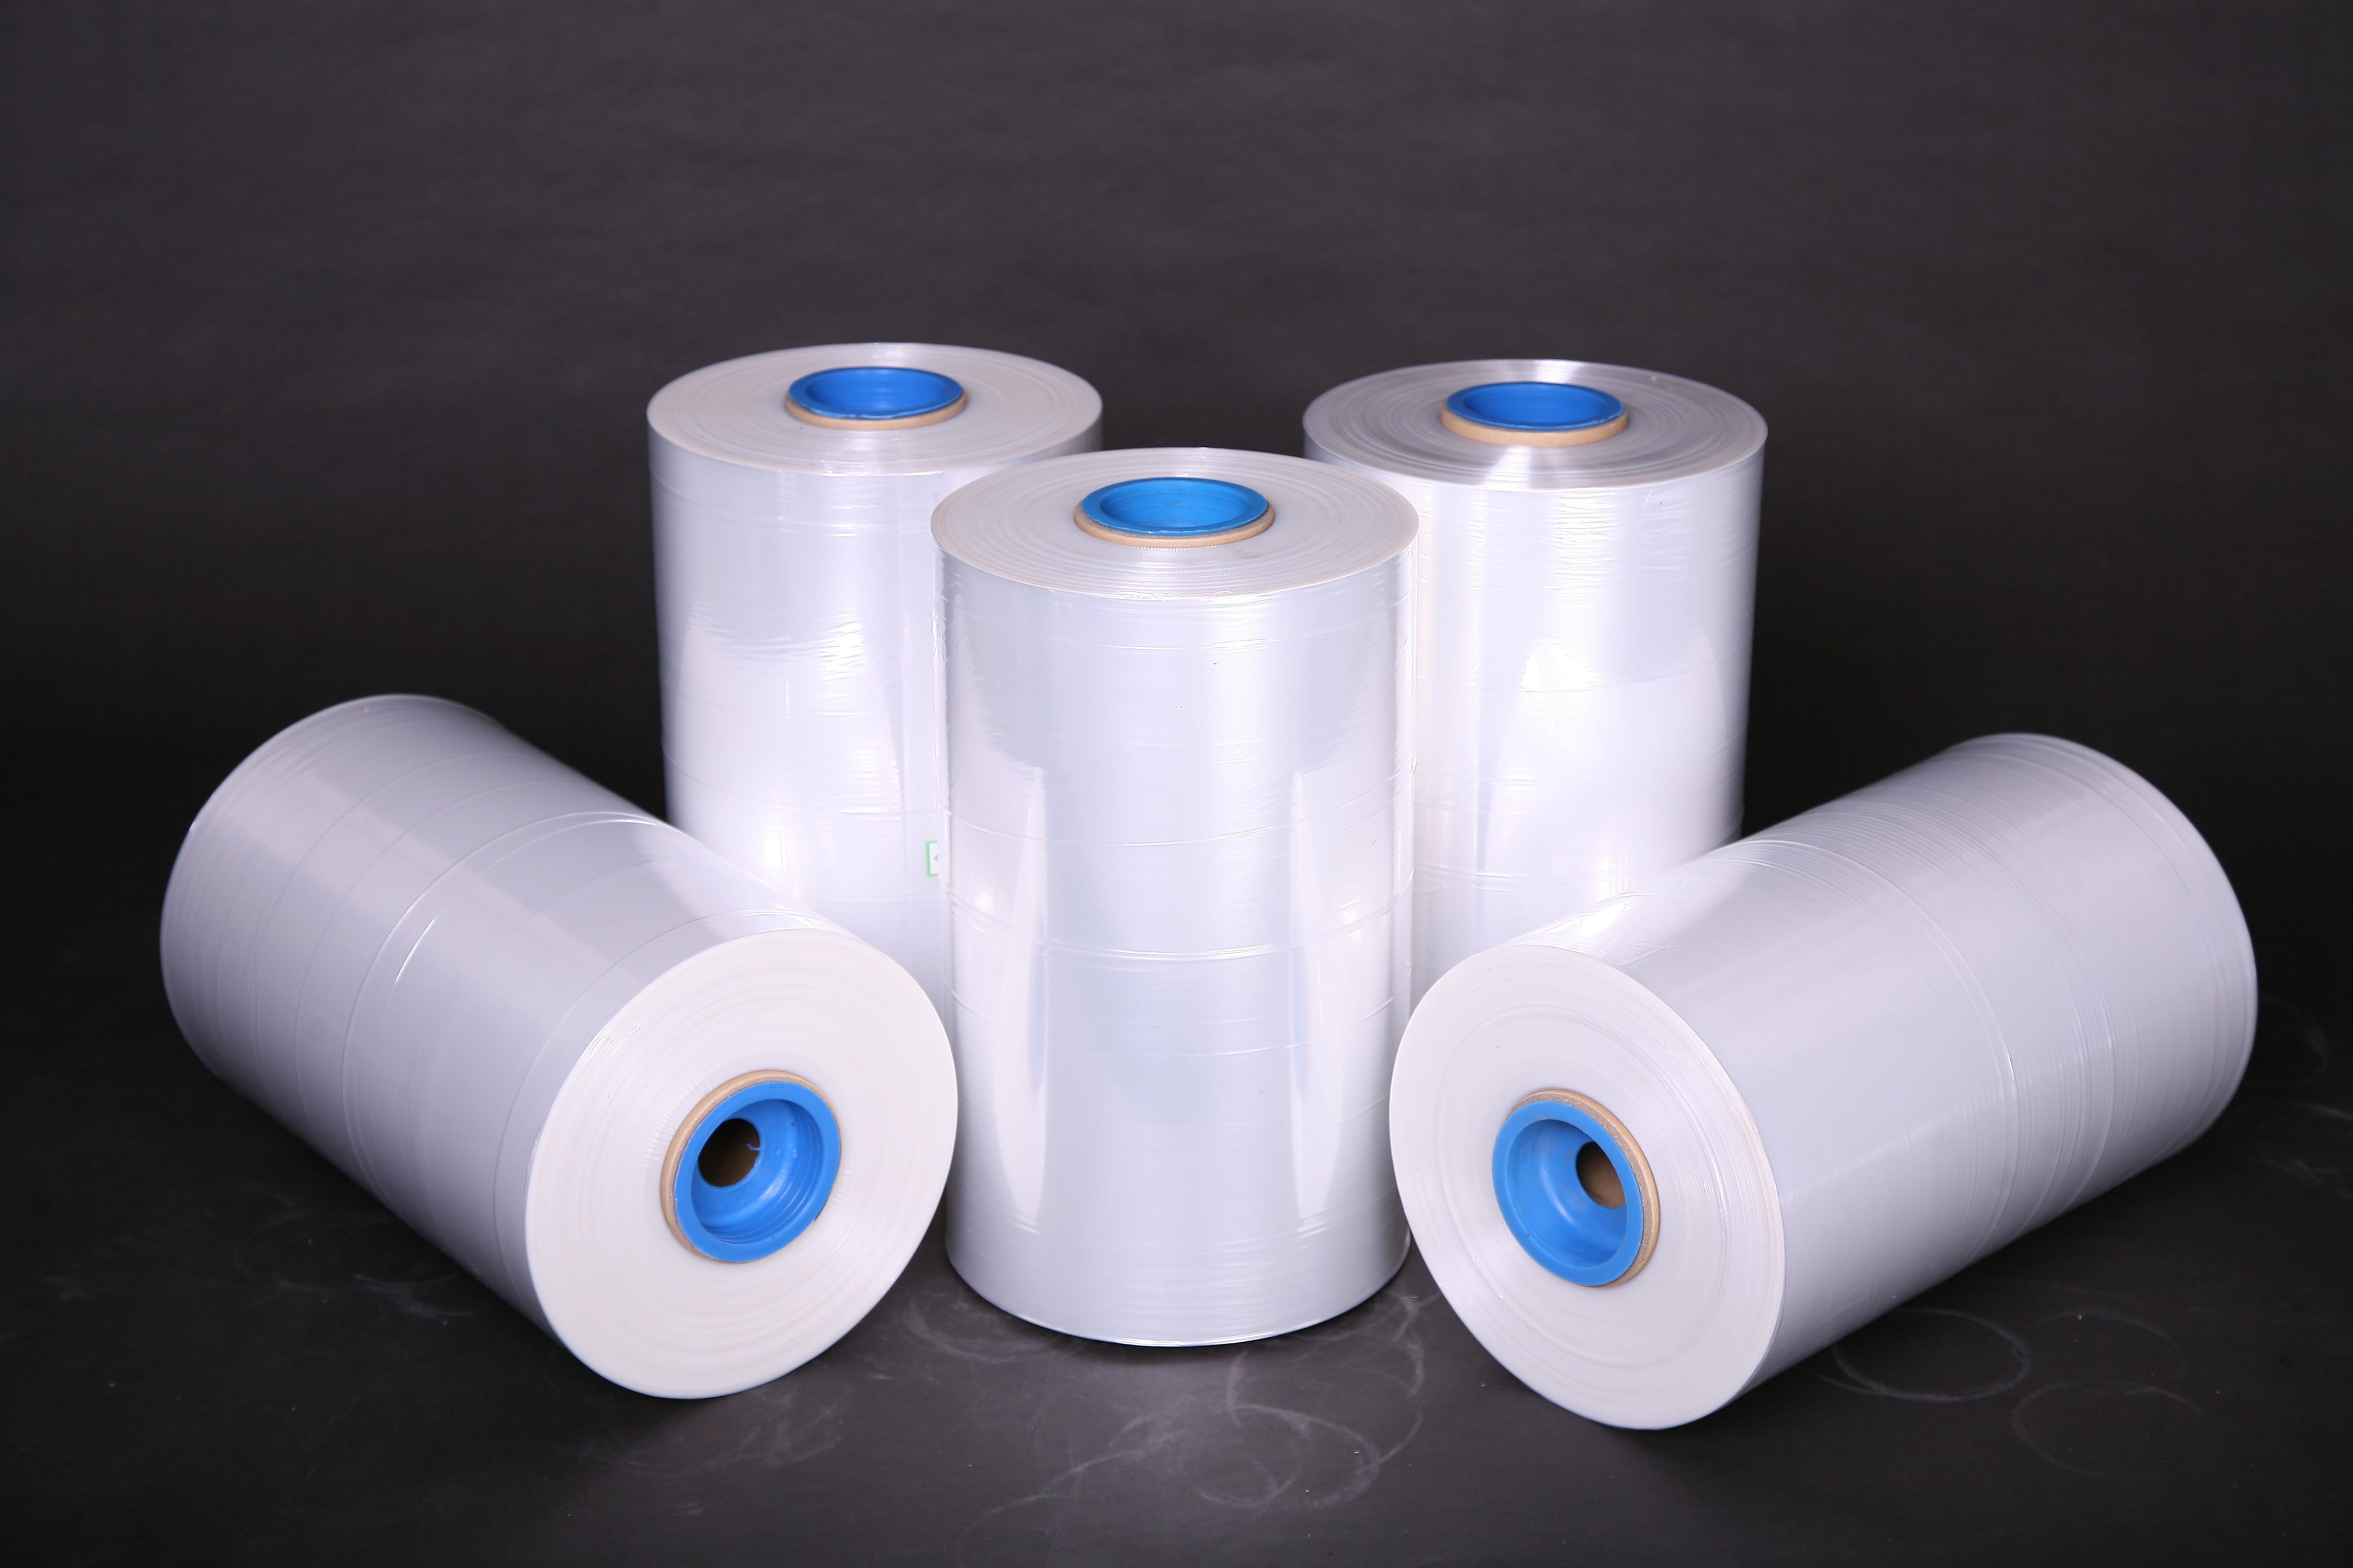 透明POF收缩膜 弹性纸箱包装膜 收缩机器包装专用膜 多种规格